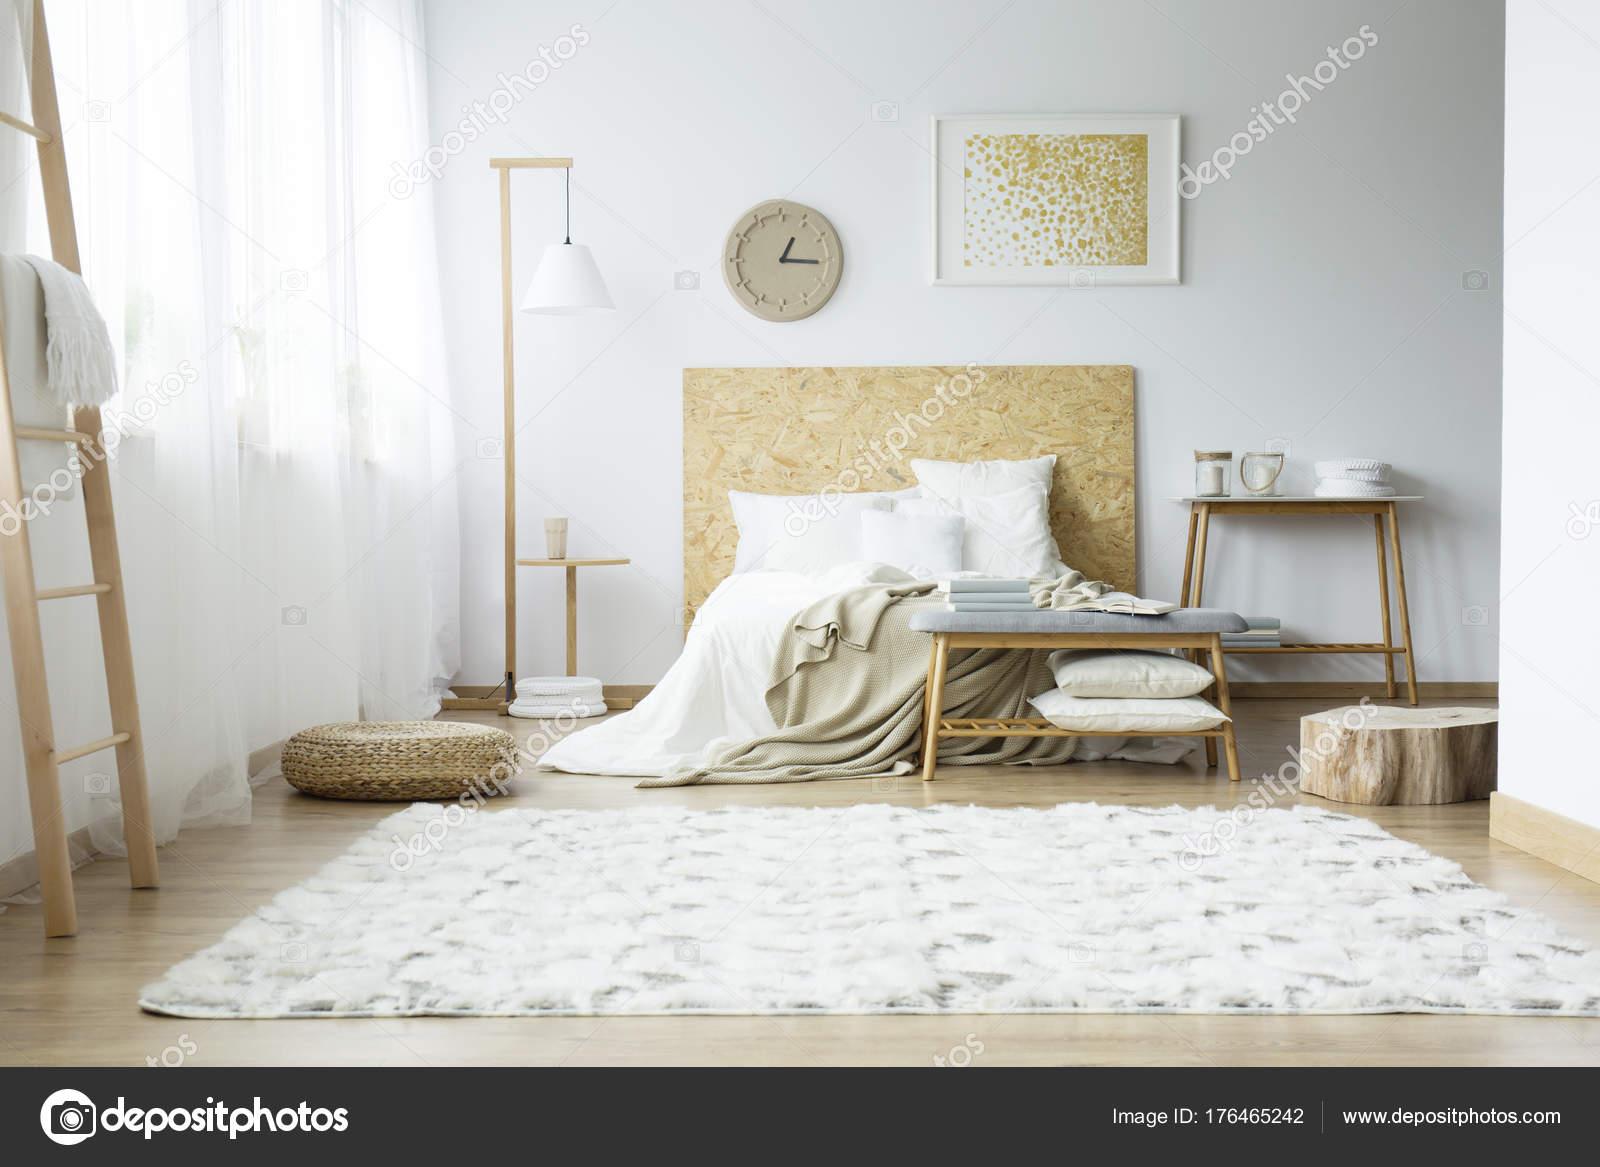 Bright Teppich im Schlafzimmer — Stockfoto © photographee.eu #176465242